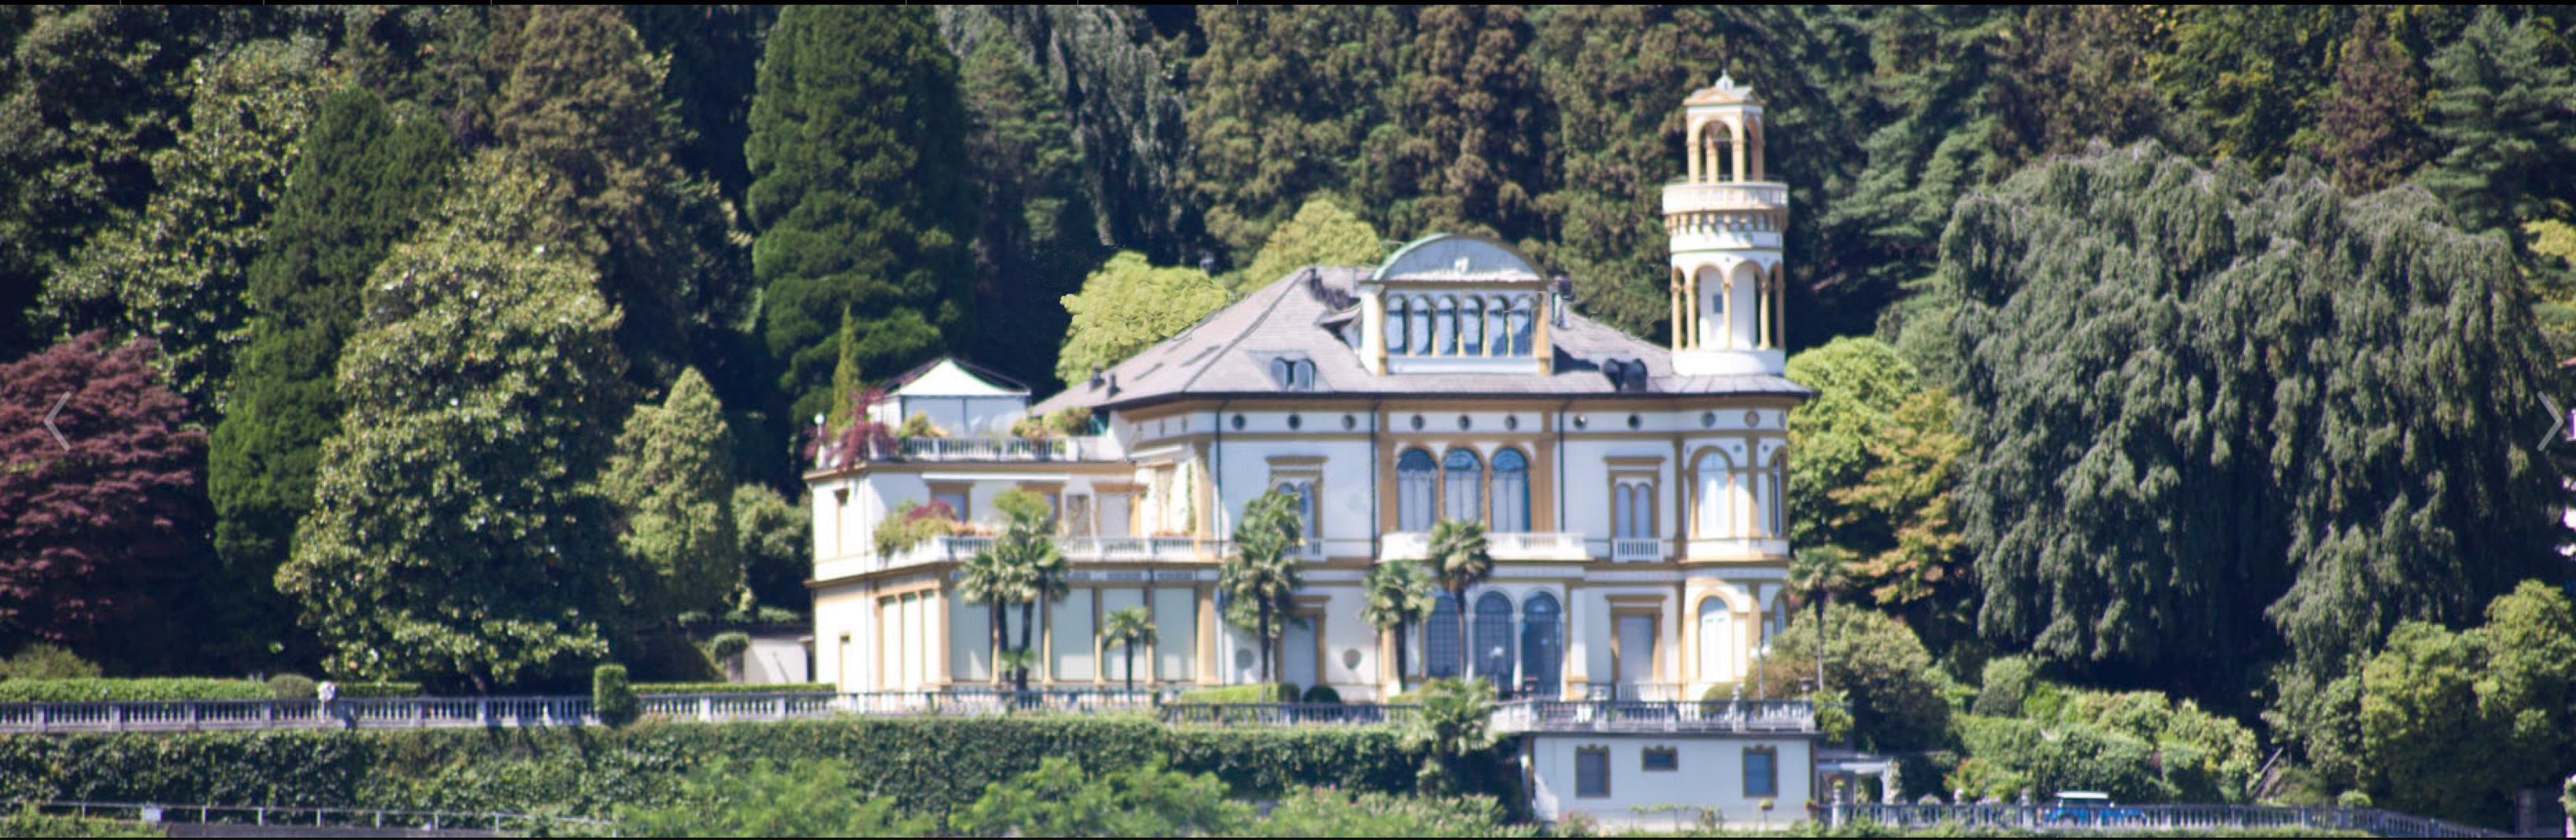 Villa Branca Lago Maggiore